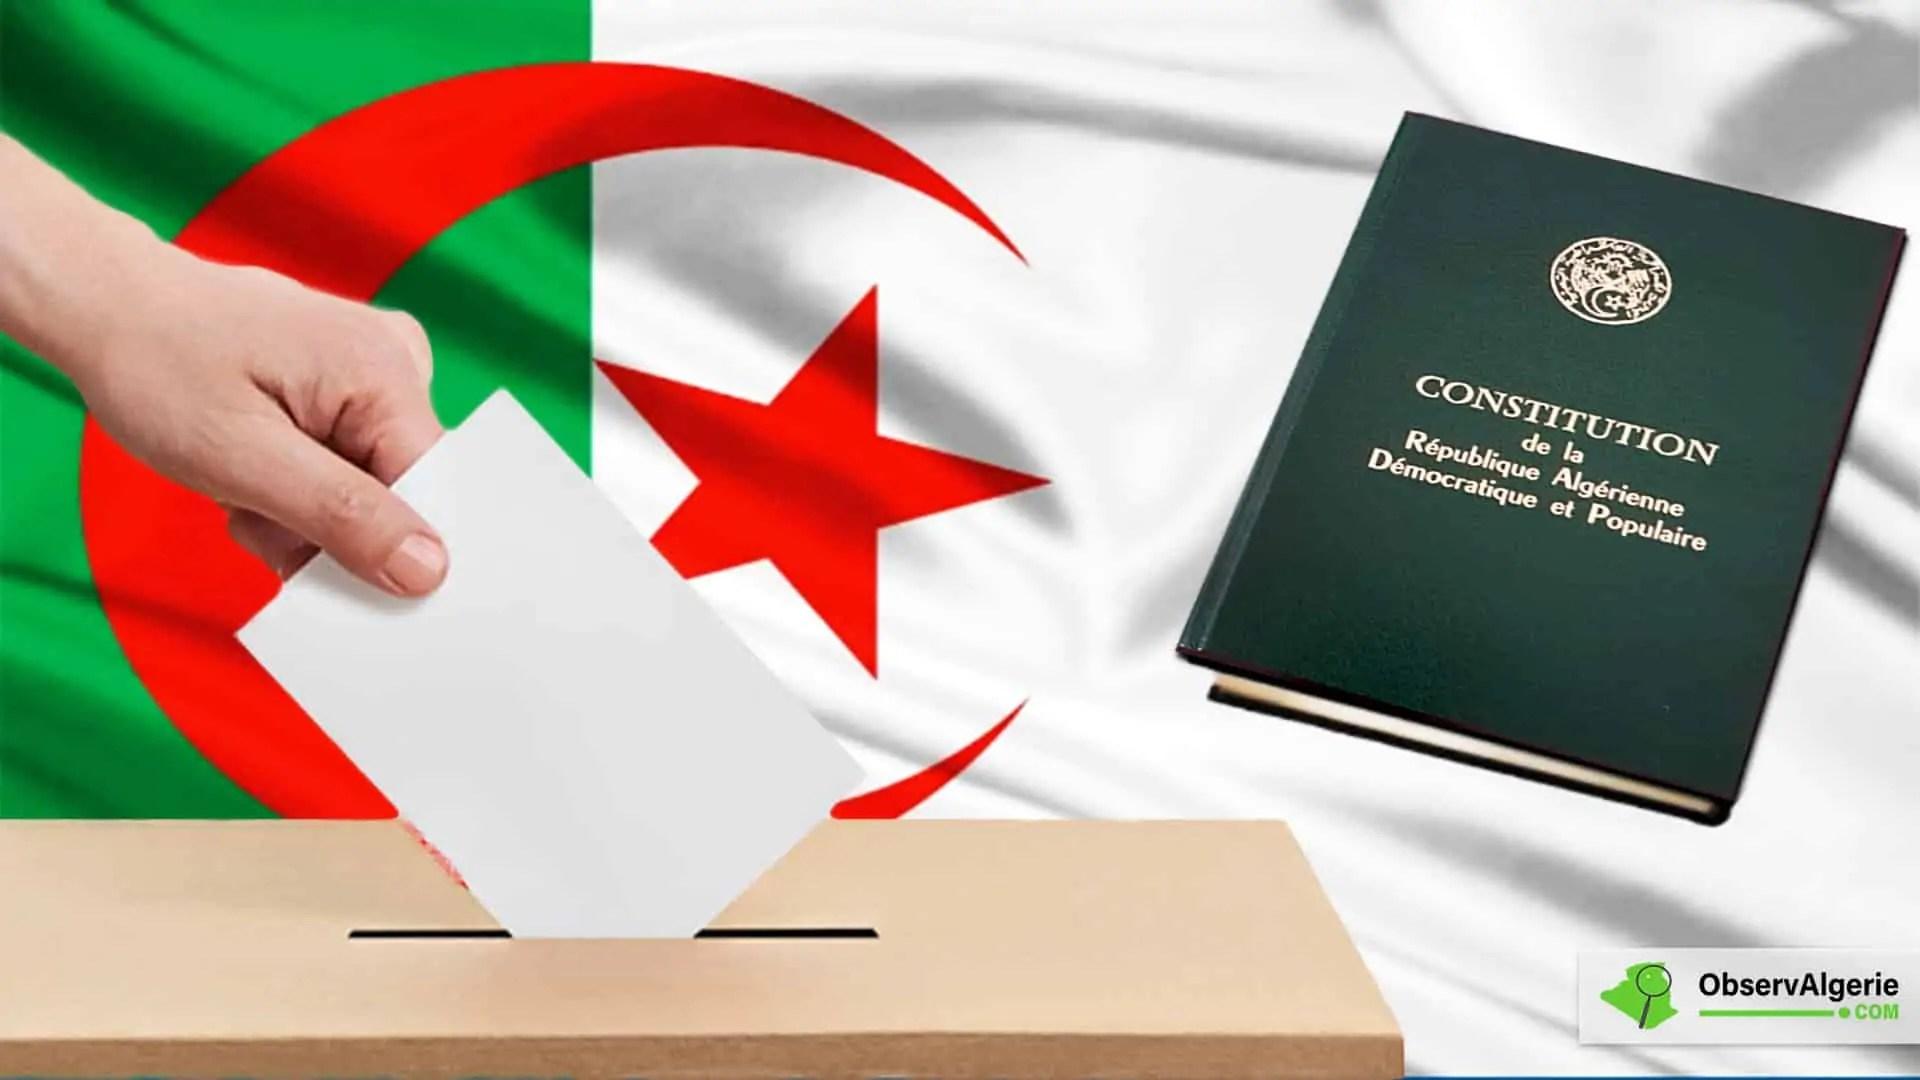 Référendum constitutionnel en Algérie : L'opposition sera-t-elle muselée ?